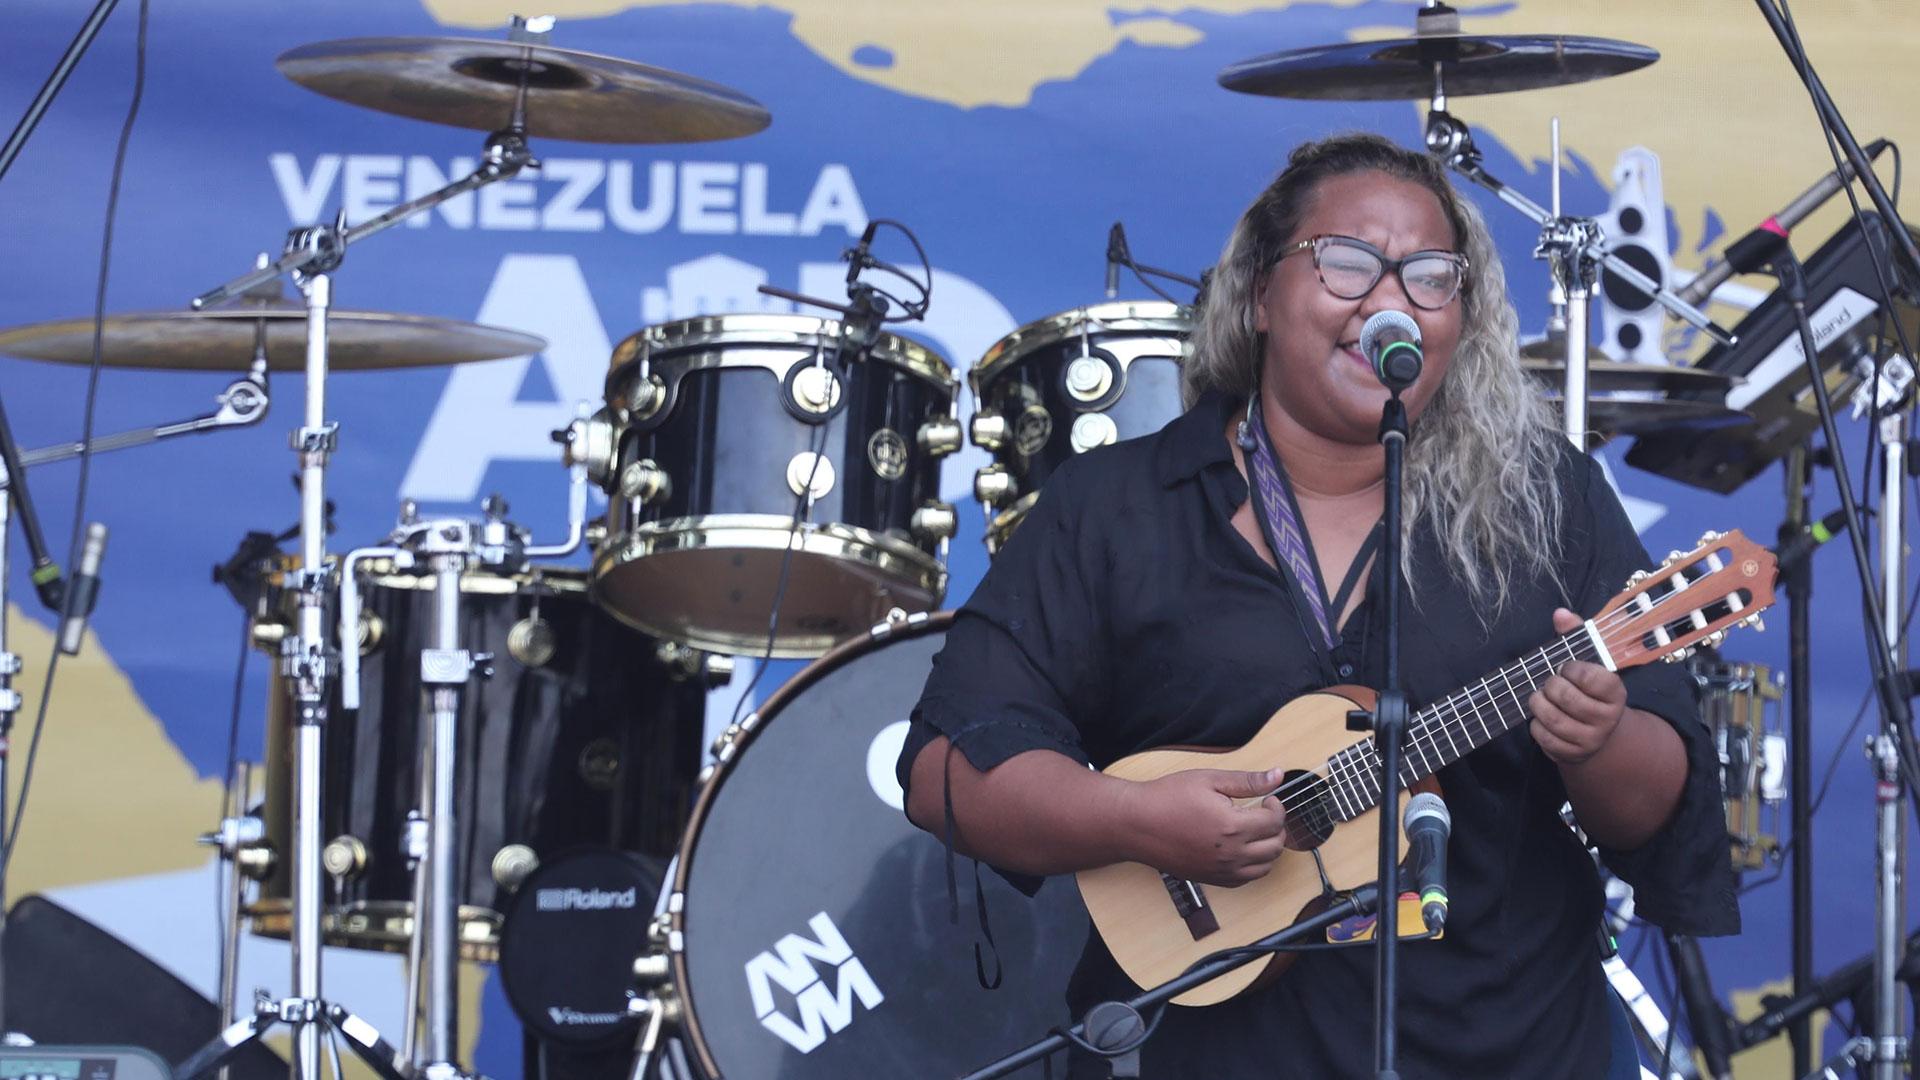 """Reymar Perdomo, quien se hizo viral en redes sociales por cantar la canción """"Me fui"""" sobre su experiencia como migrante, abrió el concierto Venezuela Aid Live este viernes 22 de febrero en Cúcuta, en la frontera colombiana con Venezuela."""